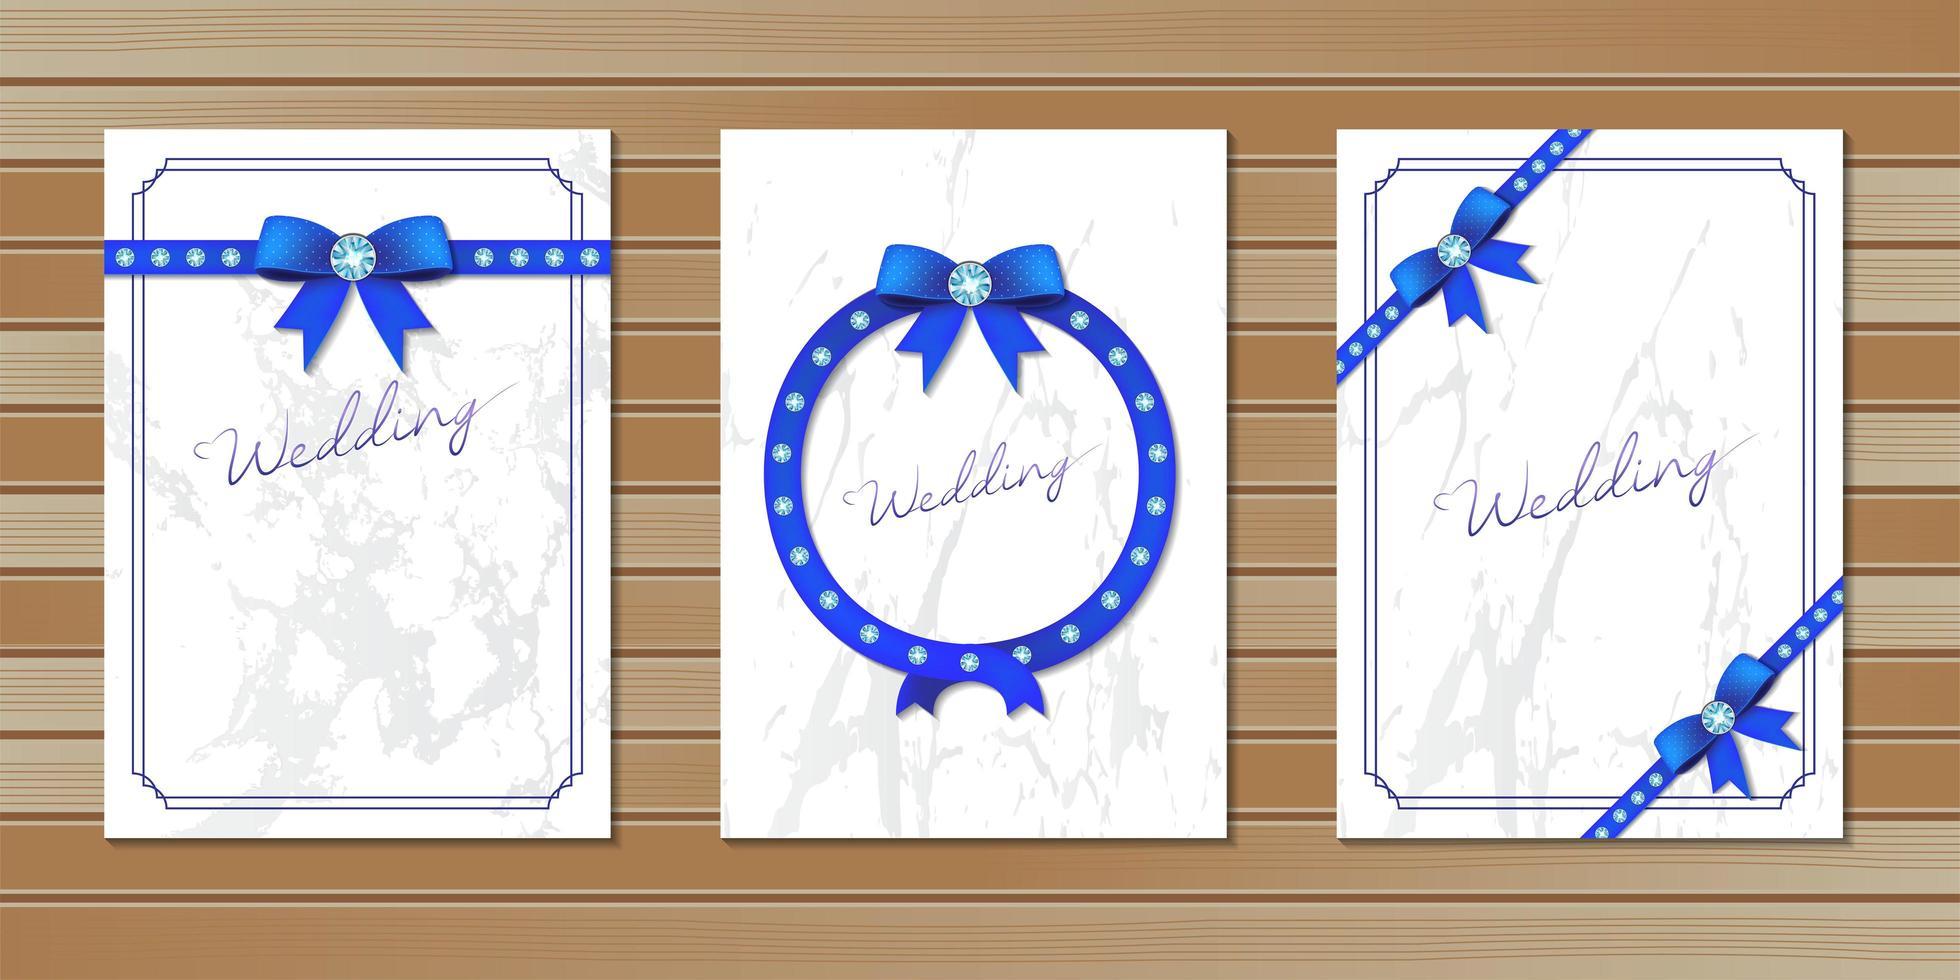 bröllop inbjudningskort dekorerade med bågar vektor